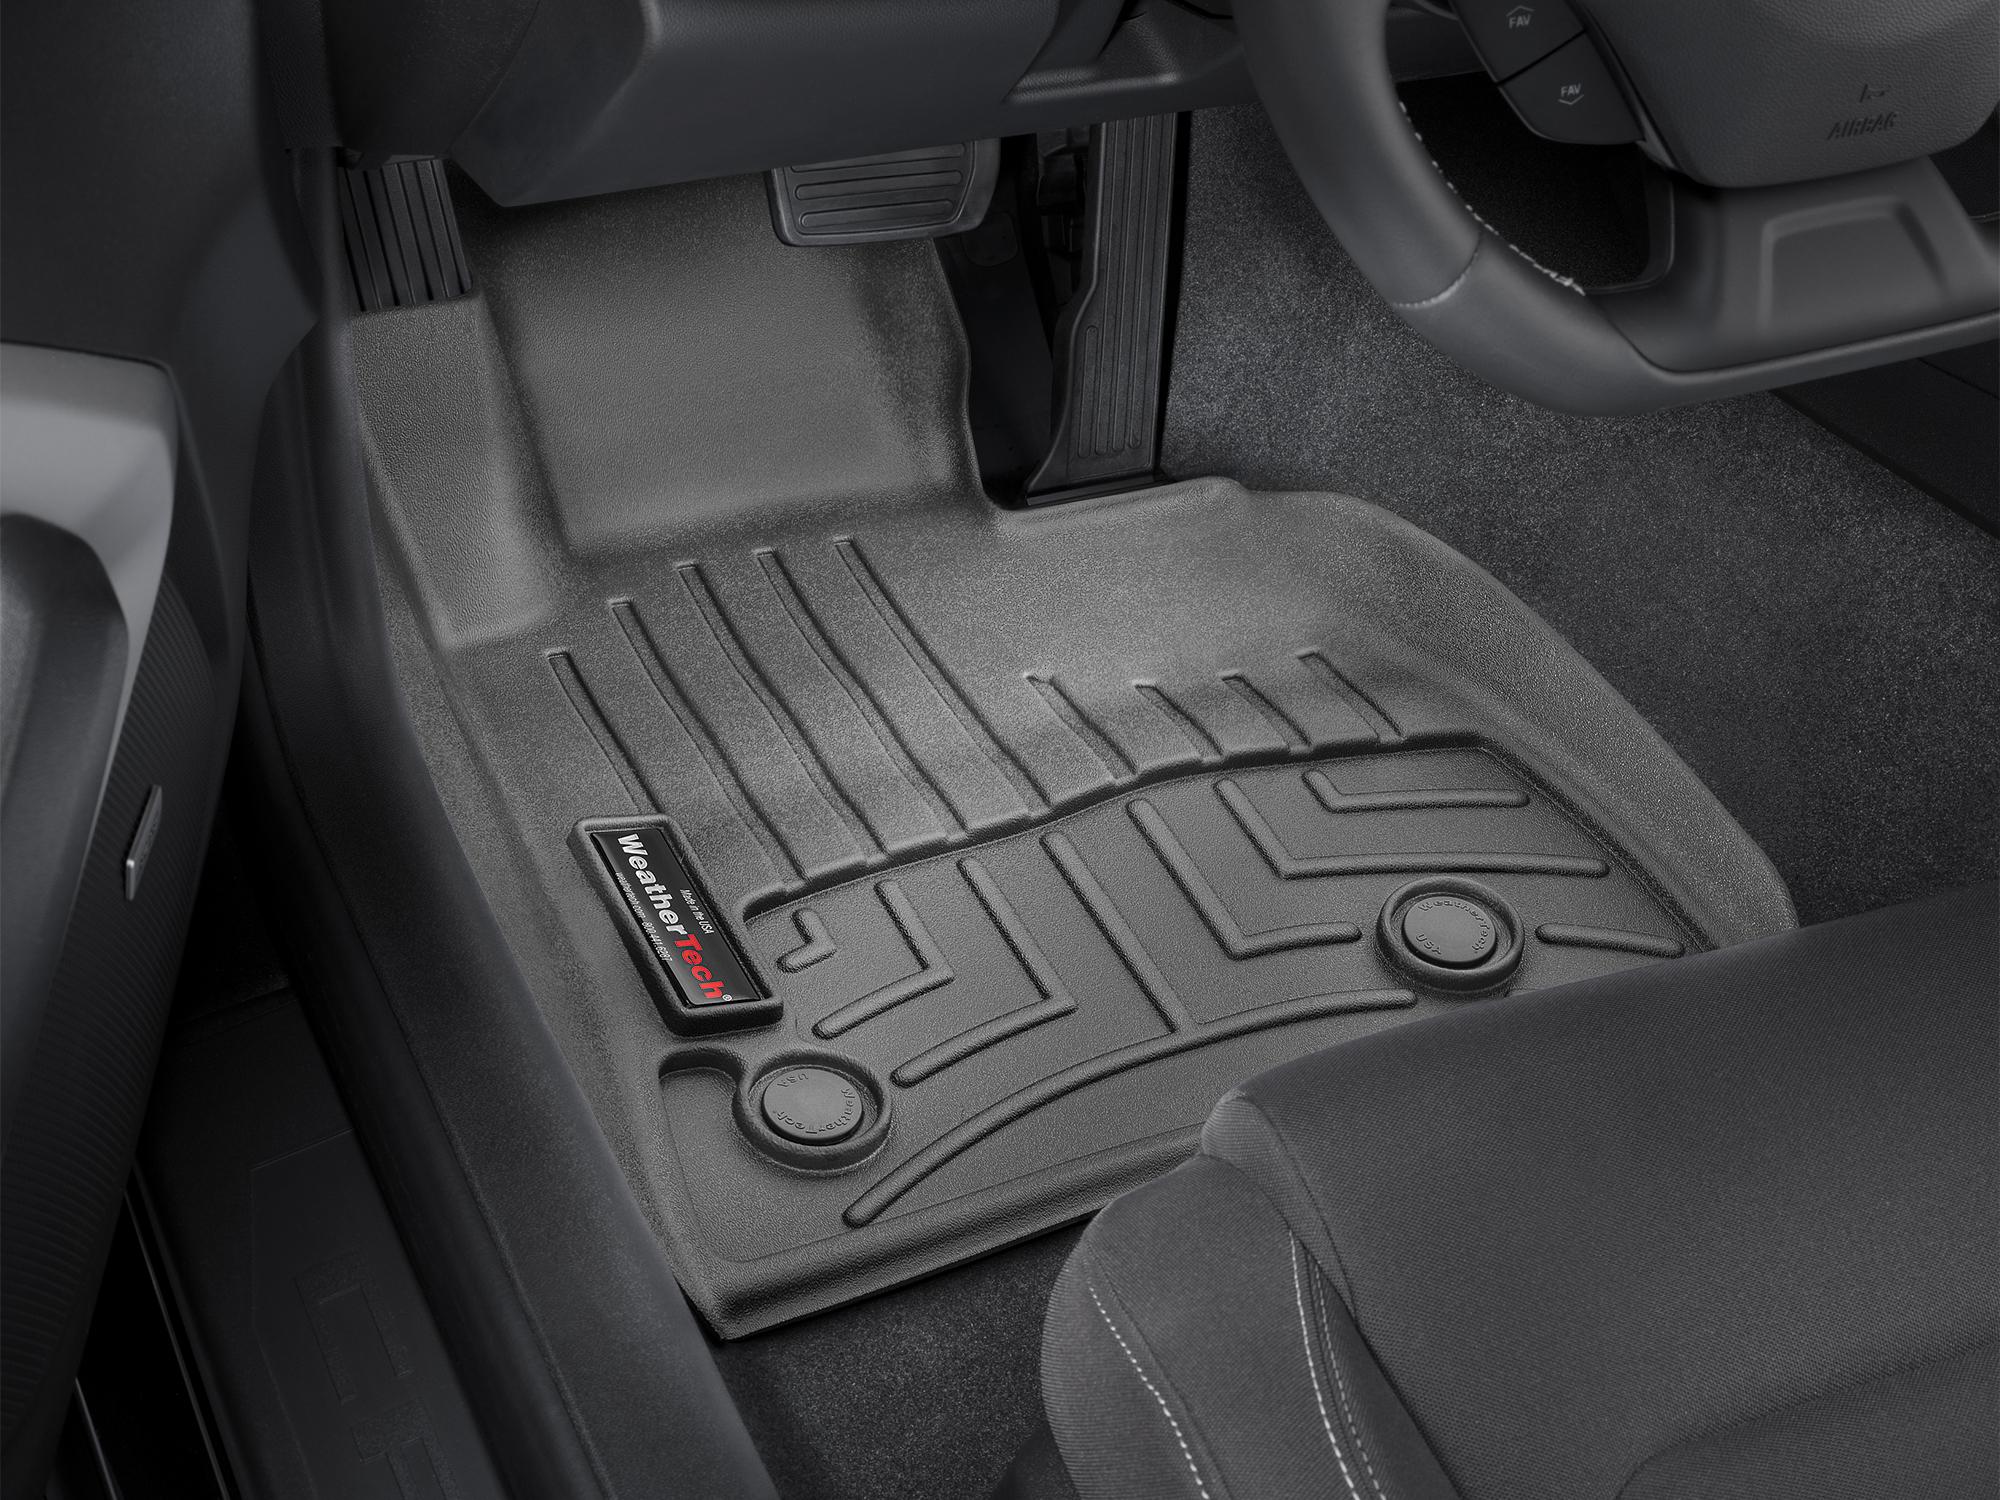 Tappeti gomma su misura bordo alto Chevrolet Camaro 16>17 Nero A104*